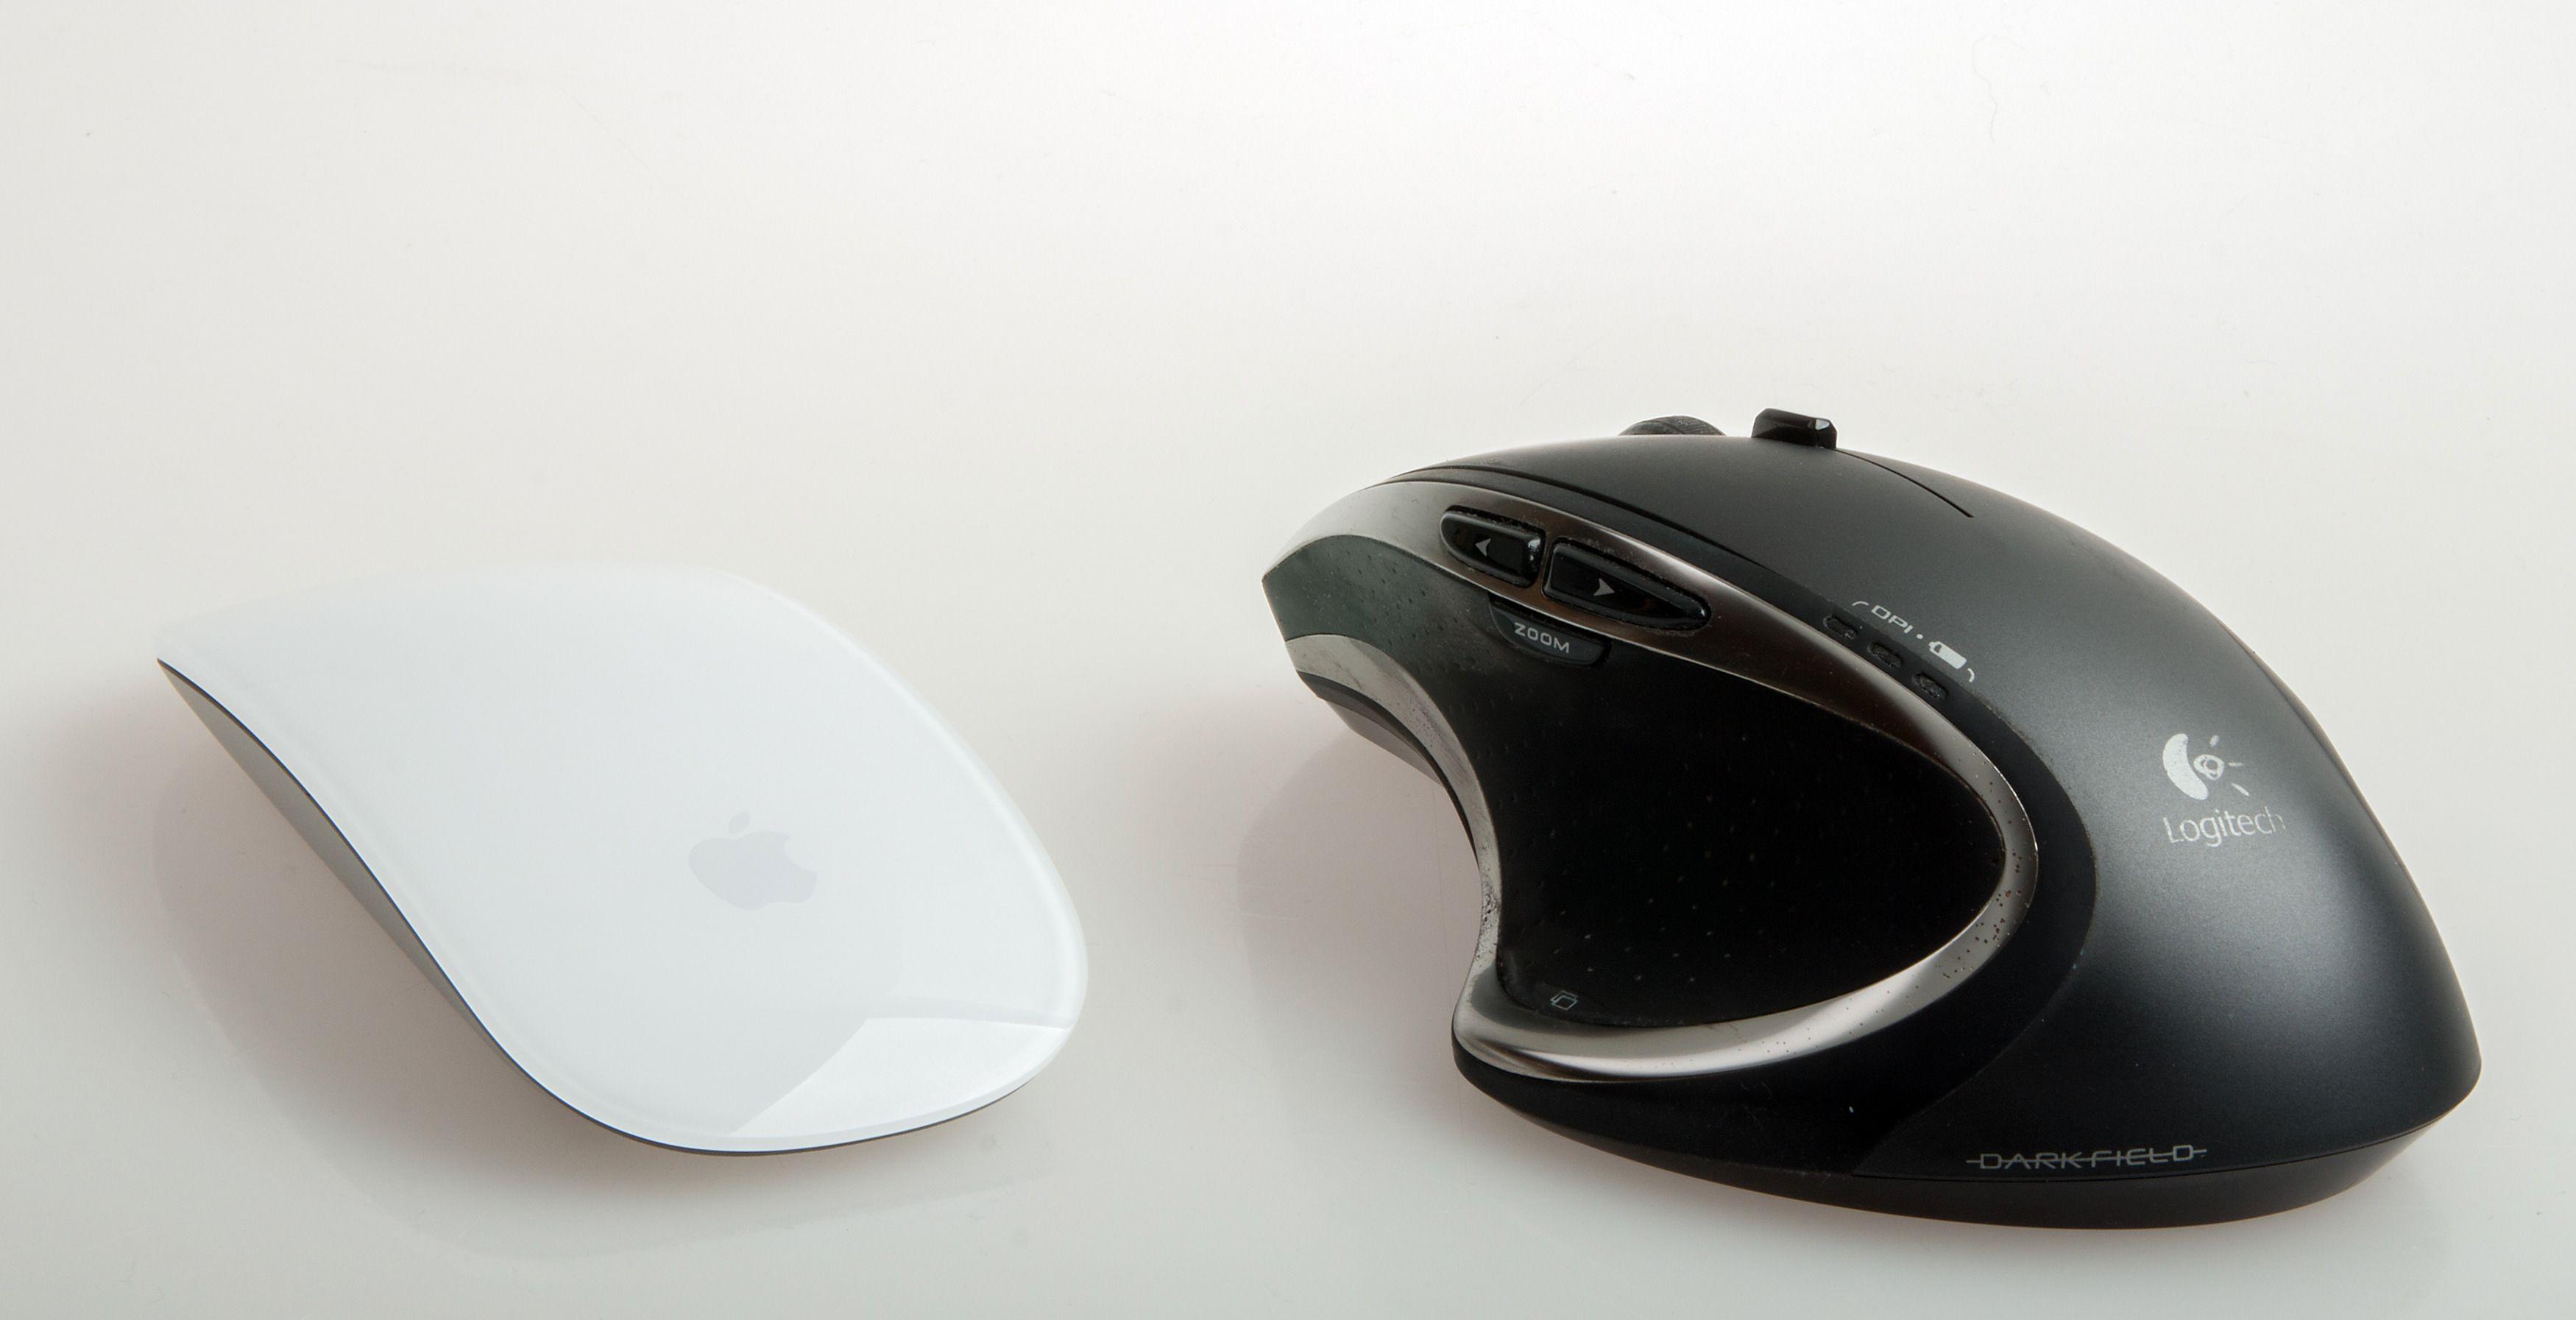 Logitech Performance MX (avbildet) – og nye MX Master – er en mye bedre mus, men den ser jo ikke like lekker ut som Magic Mouse 2. Foto: Kurt Lekanger, Tek.no